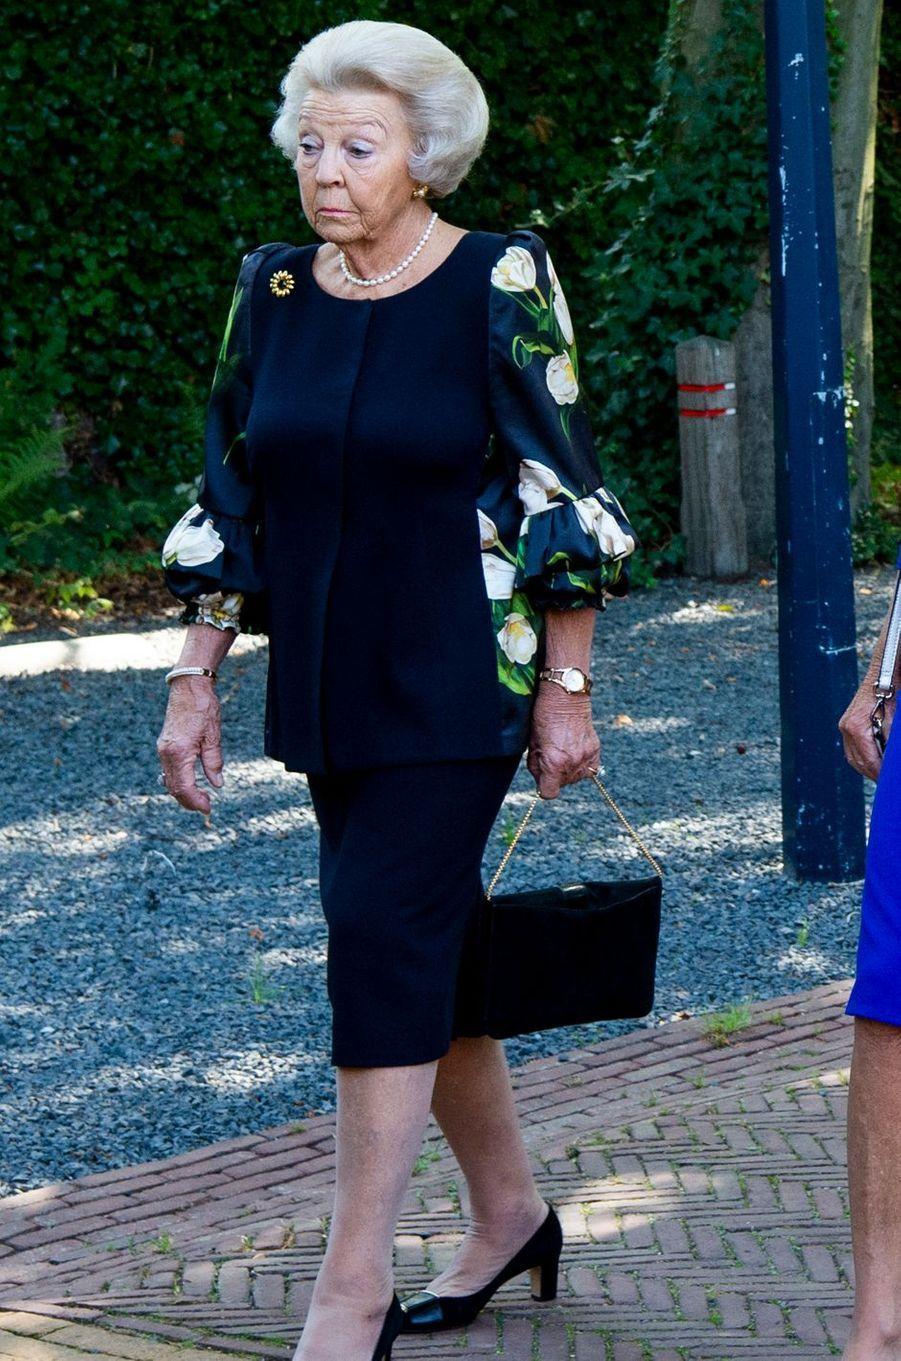 L'ex-reine Beatrix des Pays-Bas aux funérailles de la princesse Christina à La Haye, le 22 juin 2019